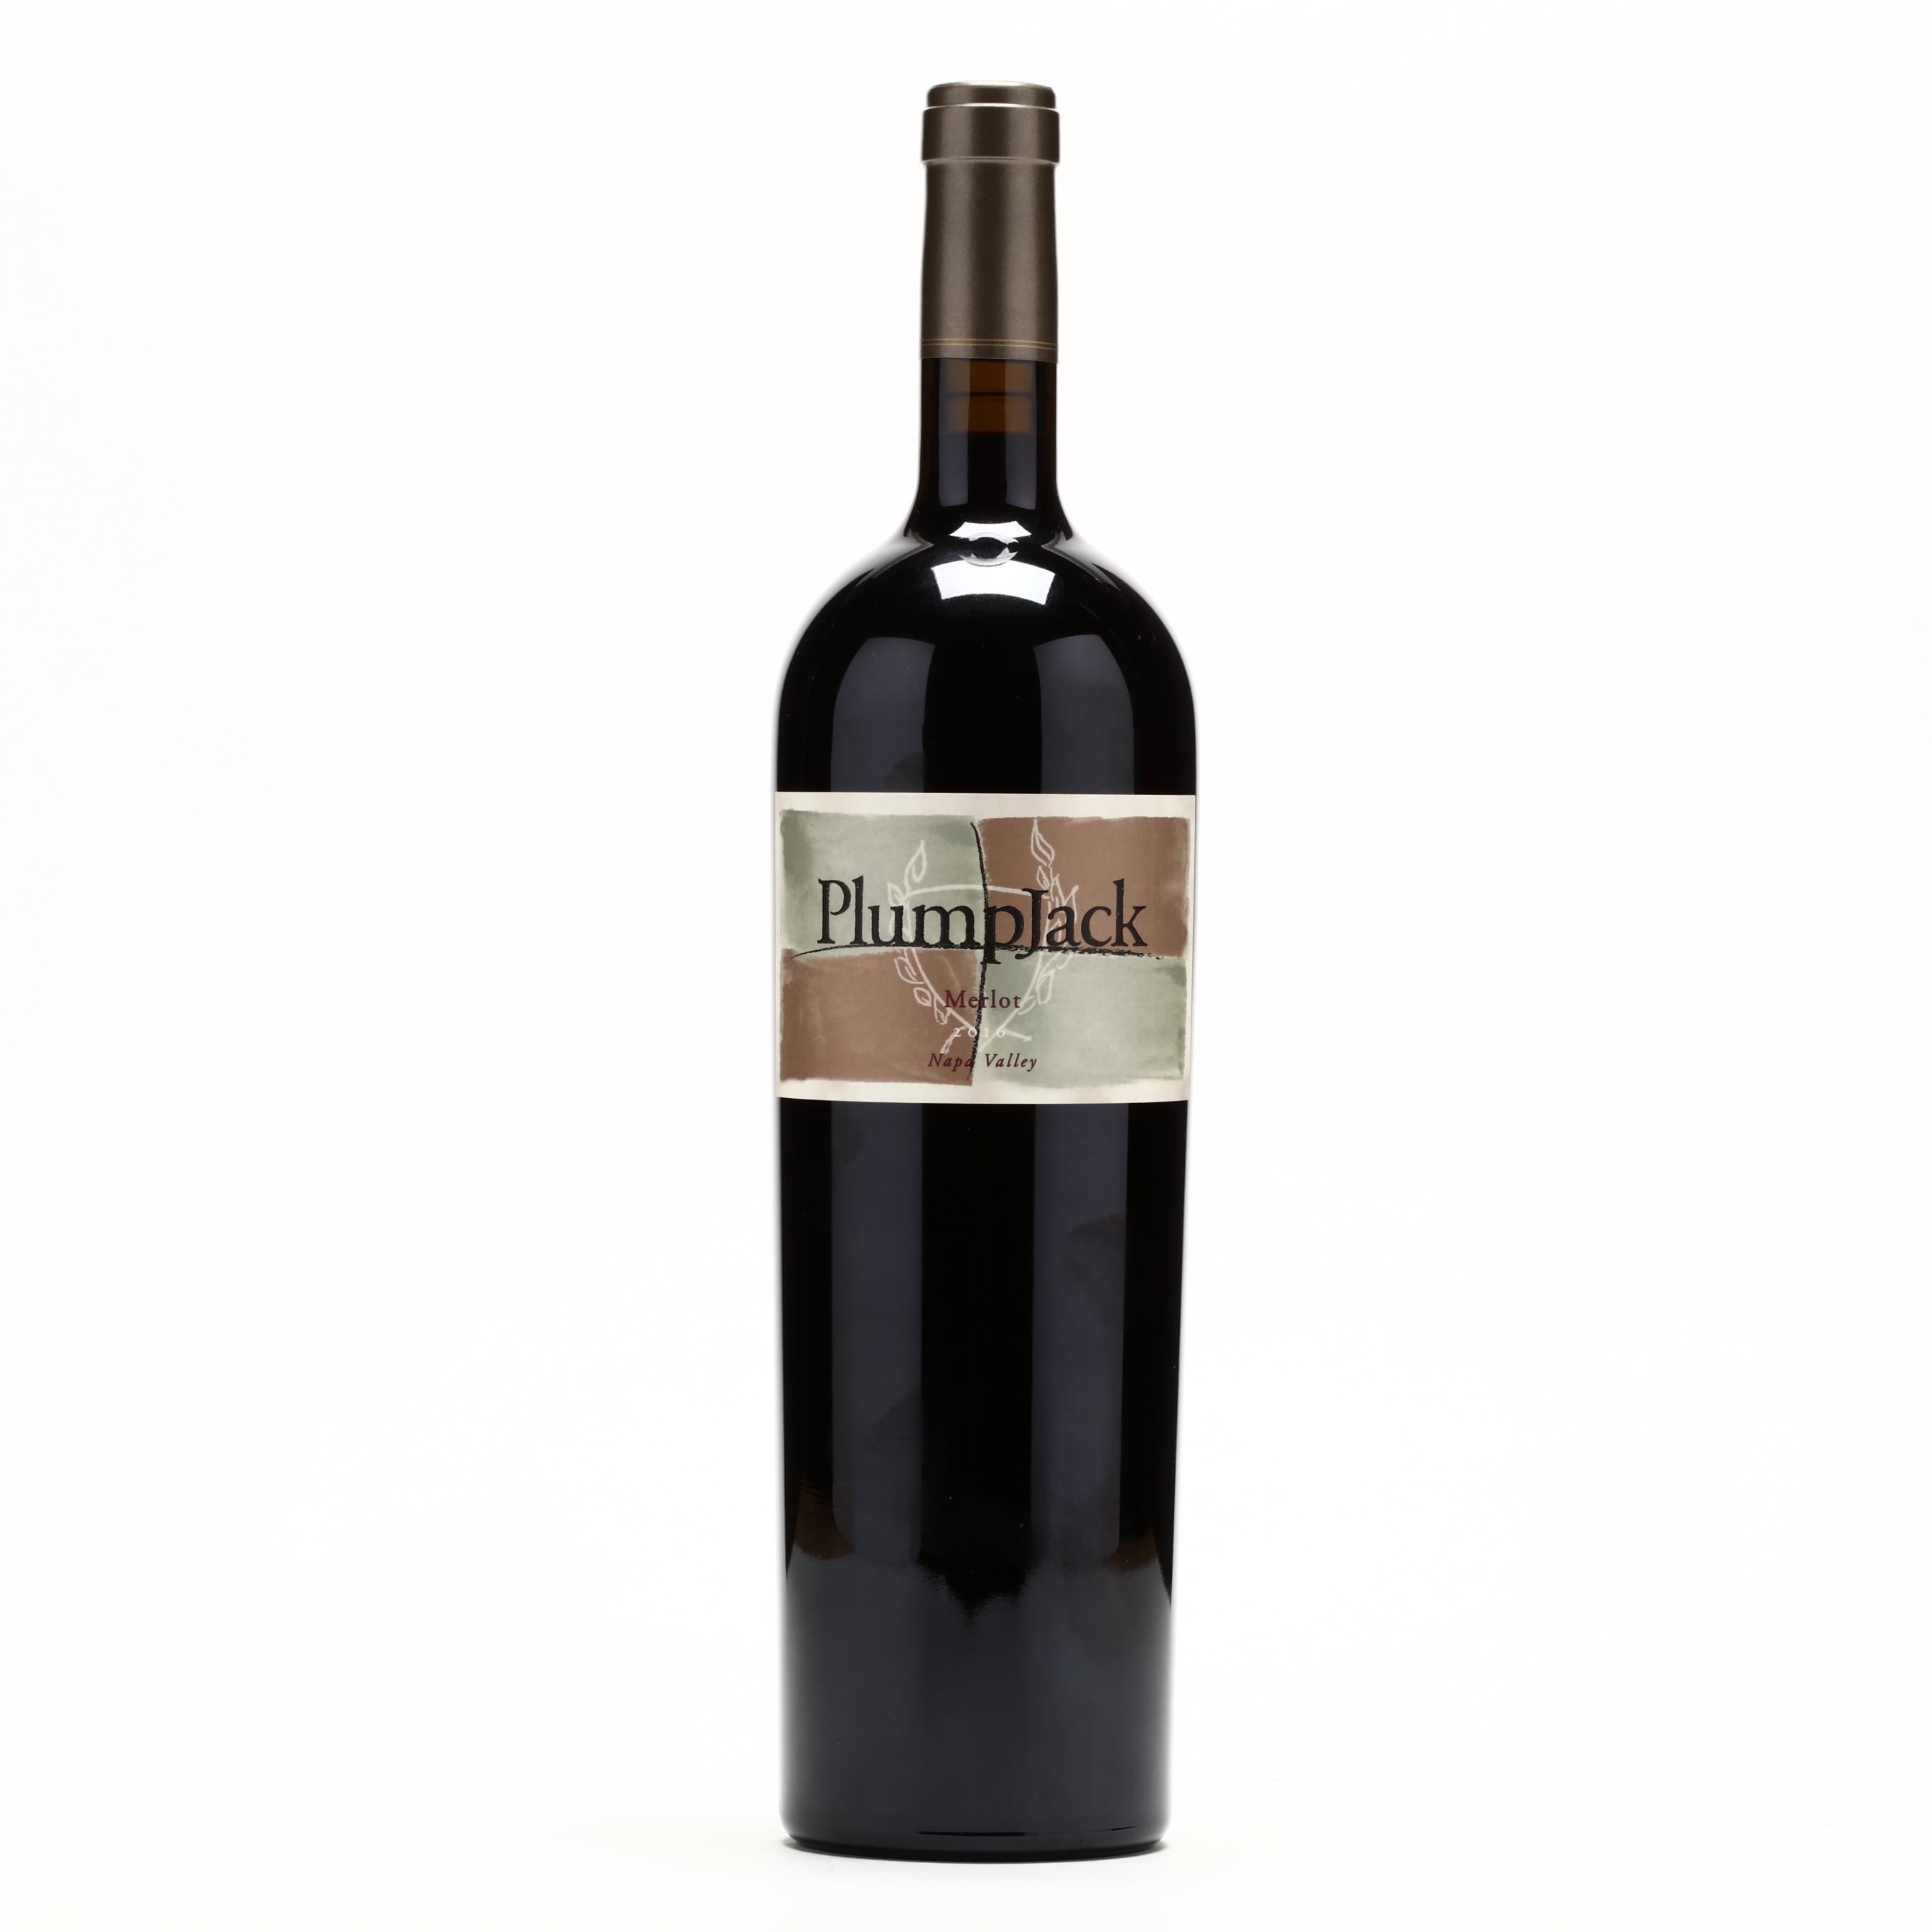 plumpjack-winery-magnum-vintage-2010